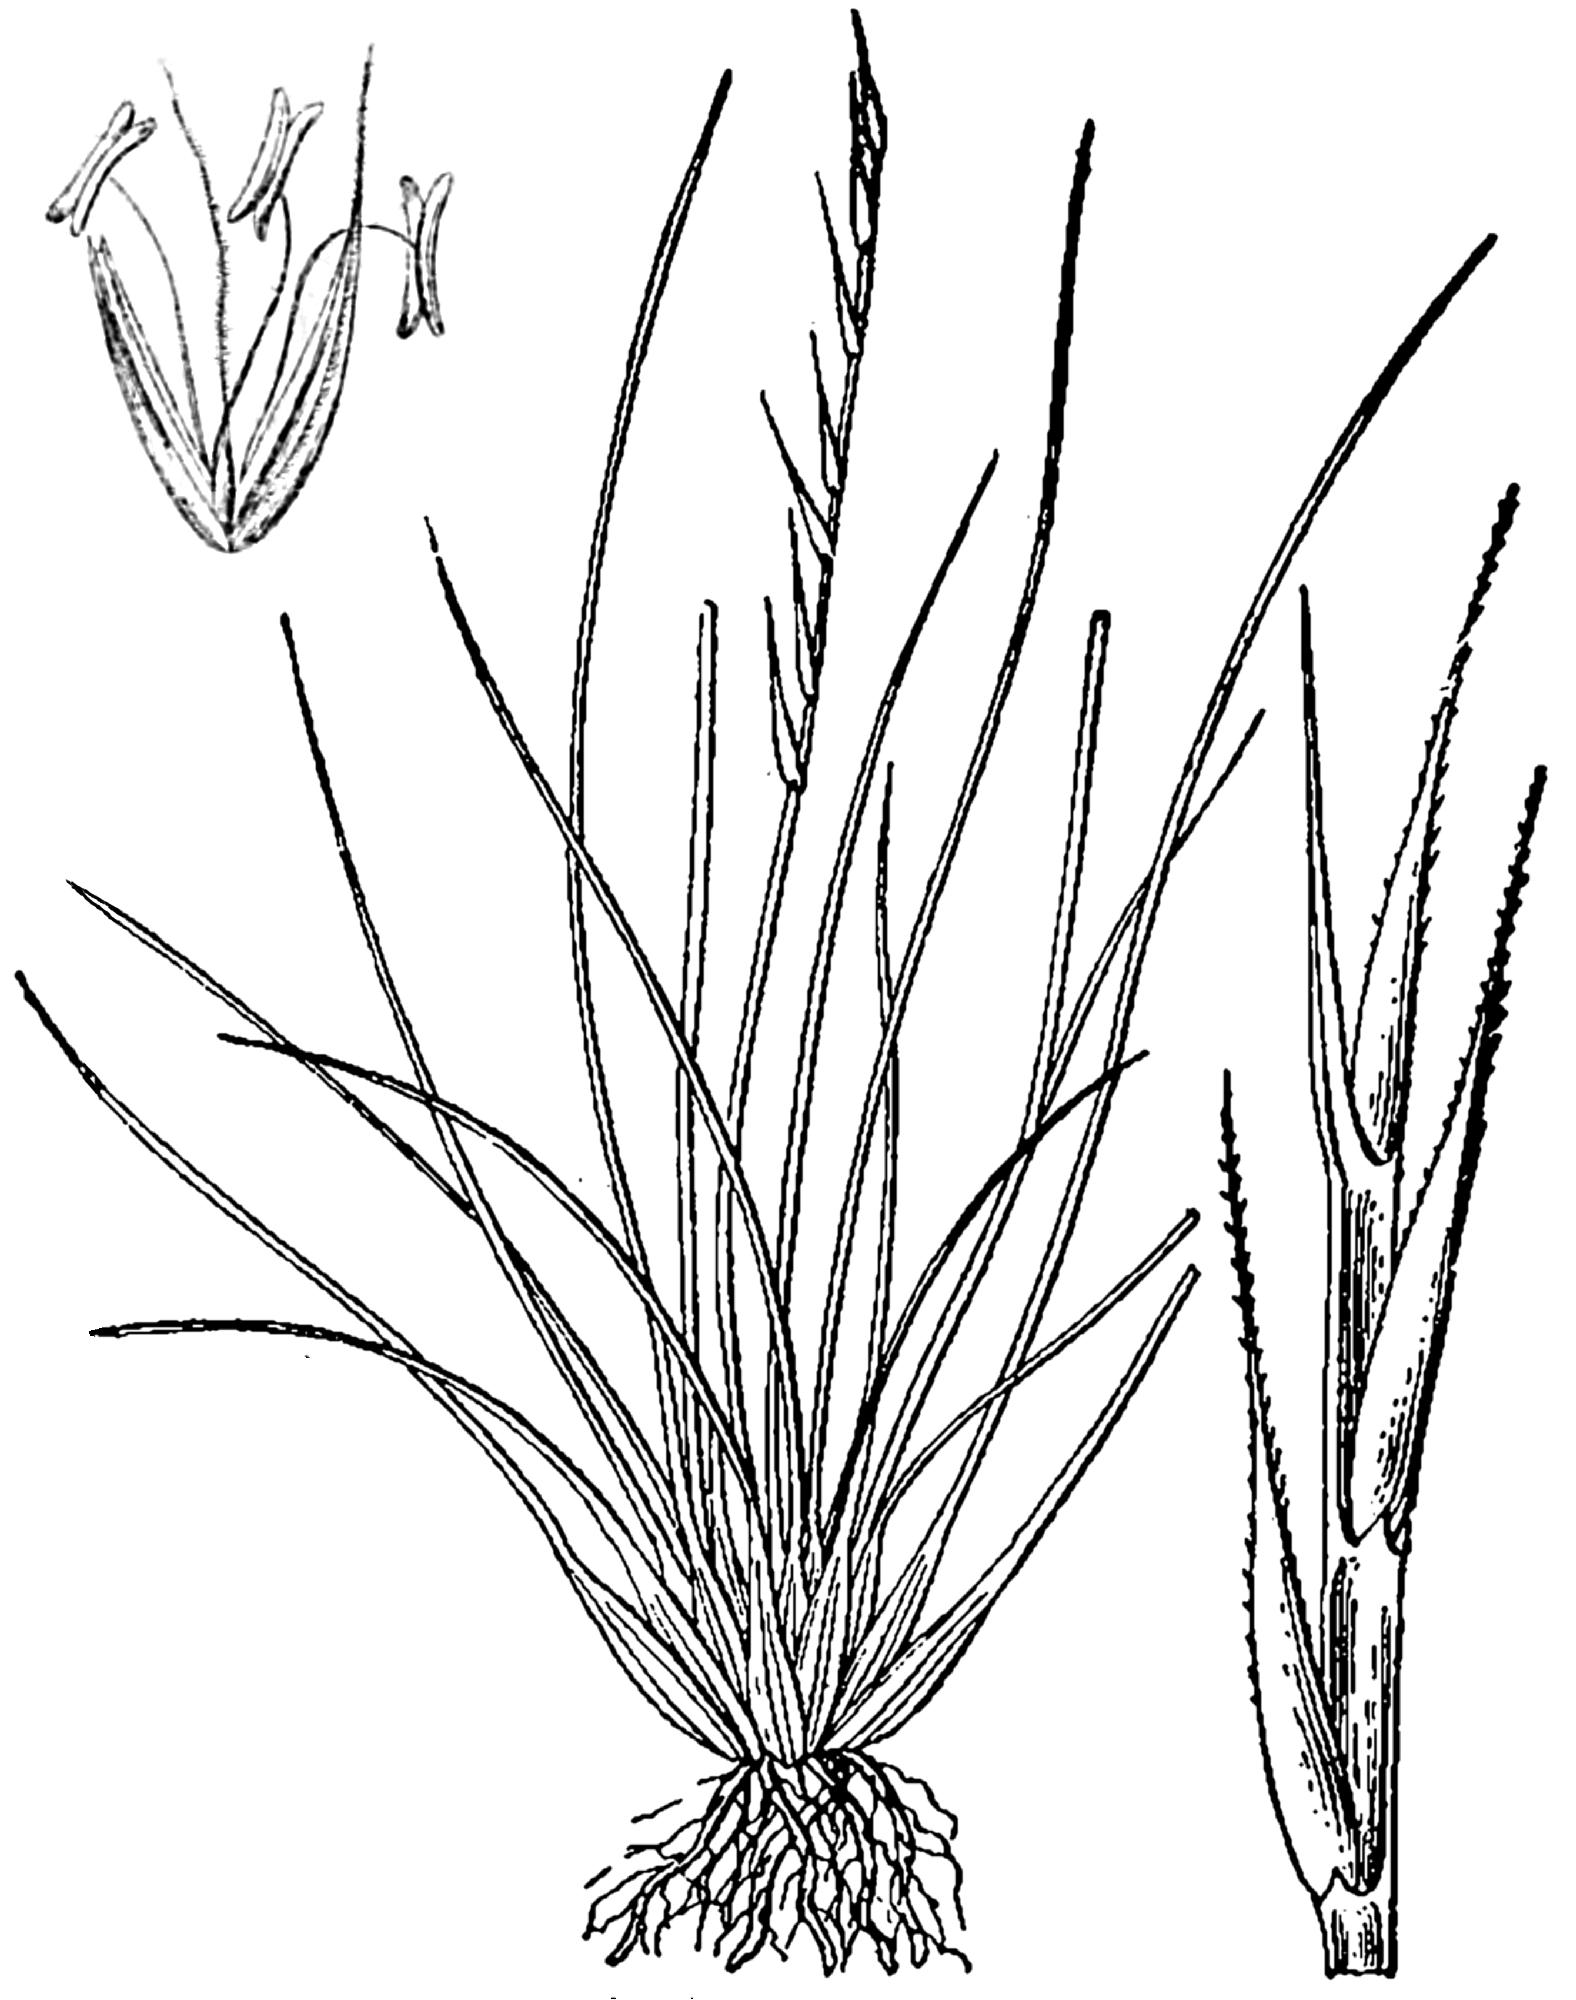 Abbildung aus Hartinger u.a. Bd.4, 1882 (Ährchen li.o.) und Britton & Brown (1913); Borstgras, Gemeines Borstgras and Borstengras